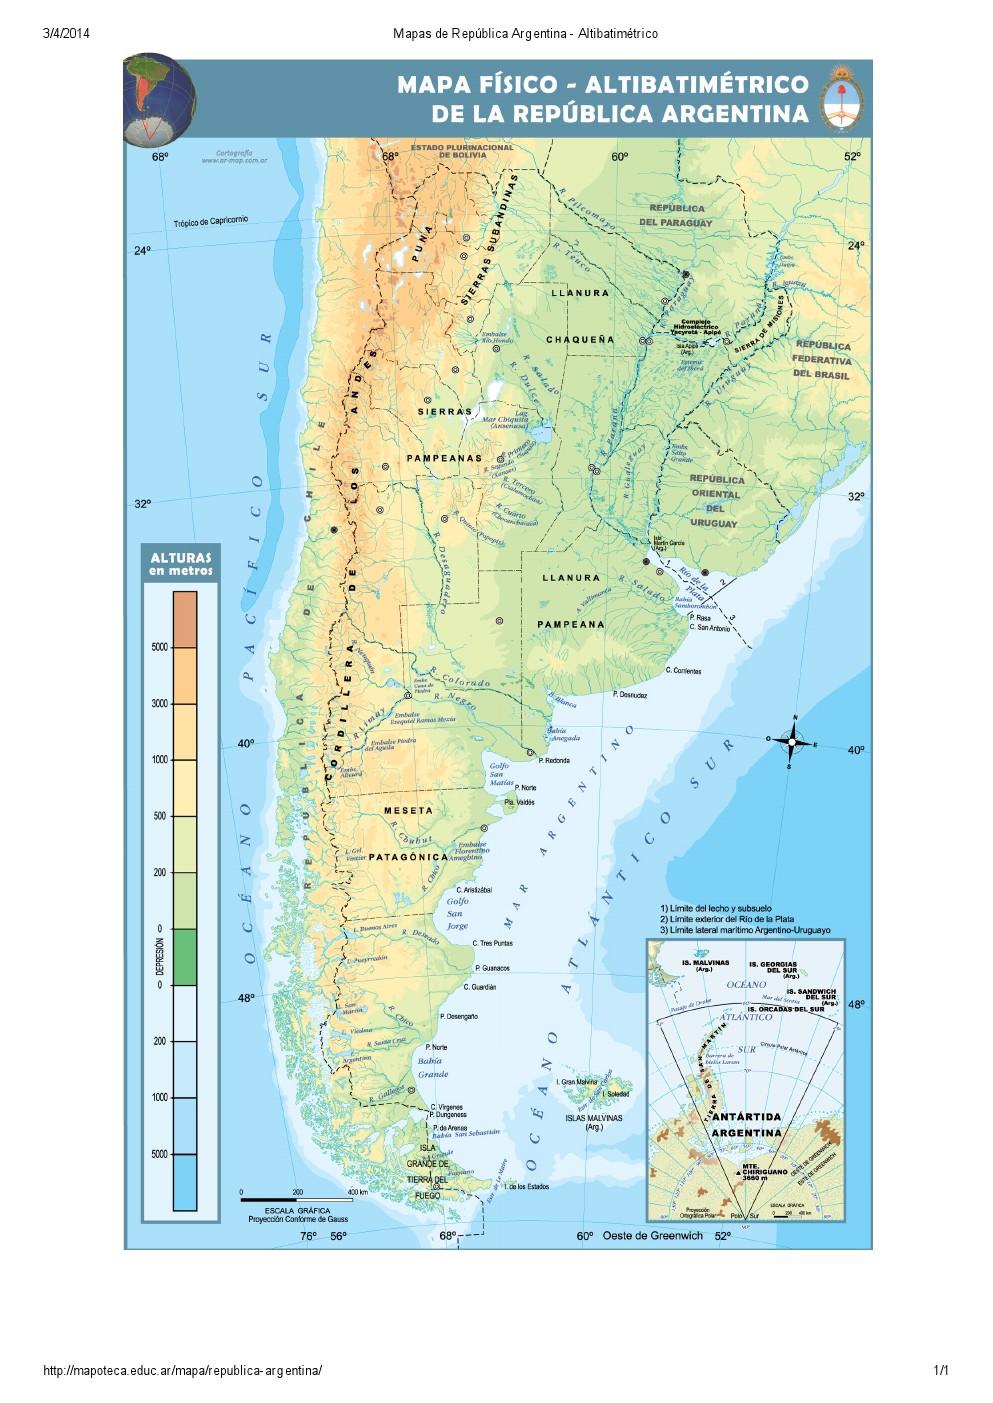 Mapa altibatimétrico de Argentina. Mapoteca de Educ.ar